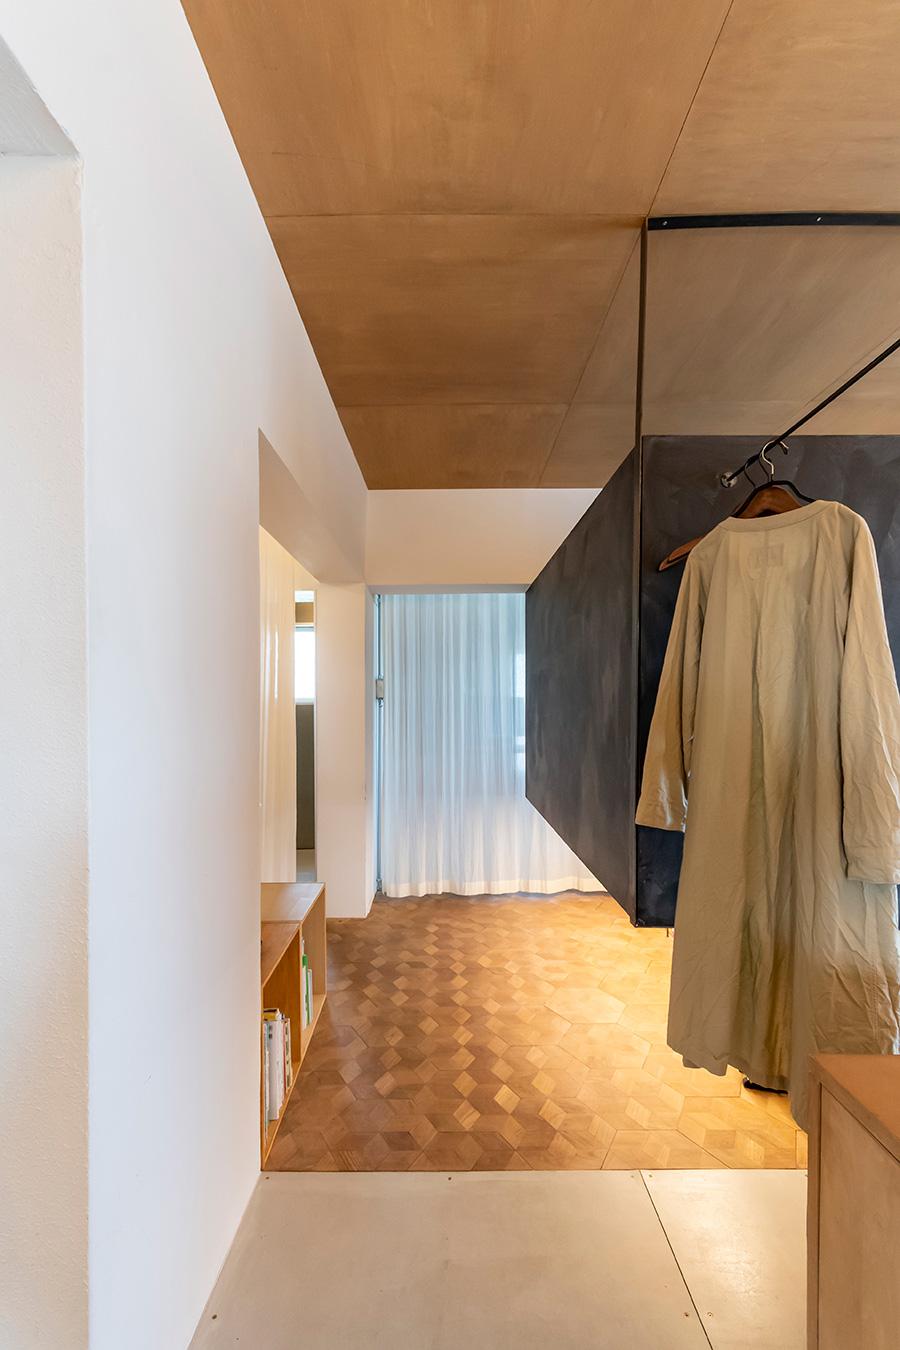 手前の床は玄関からつながっているフレキシブルボード。アイアンで造作したバーはコートハンガーに。ガーゼのカーテンを引けば、ゆるやかに空間を仕切ることができる。